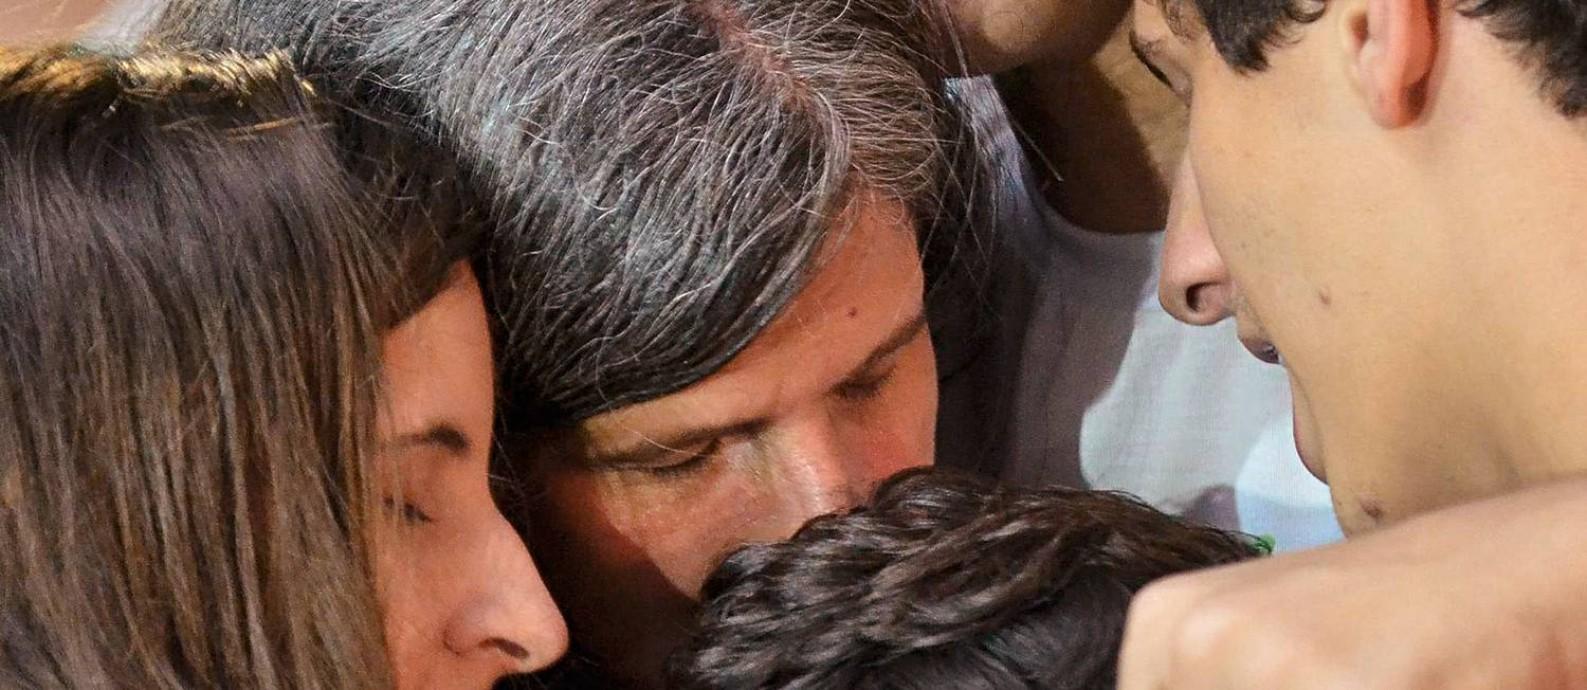 A viúva e os filhos de Eduardo Campos durante o velório do ex-governador, em agosto de 2014. Ele era não só o herdeiro político do avô, como também uma figura de conciliação na família. Foto: Fernando Frazão / Agência Brasil